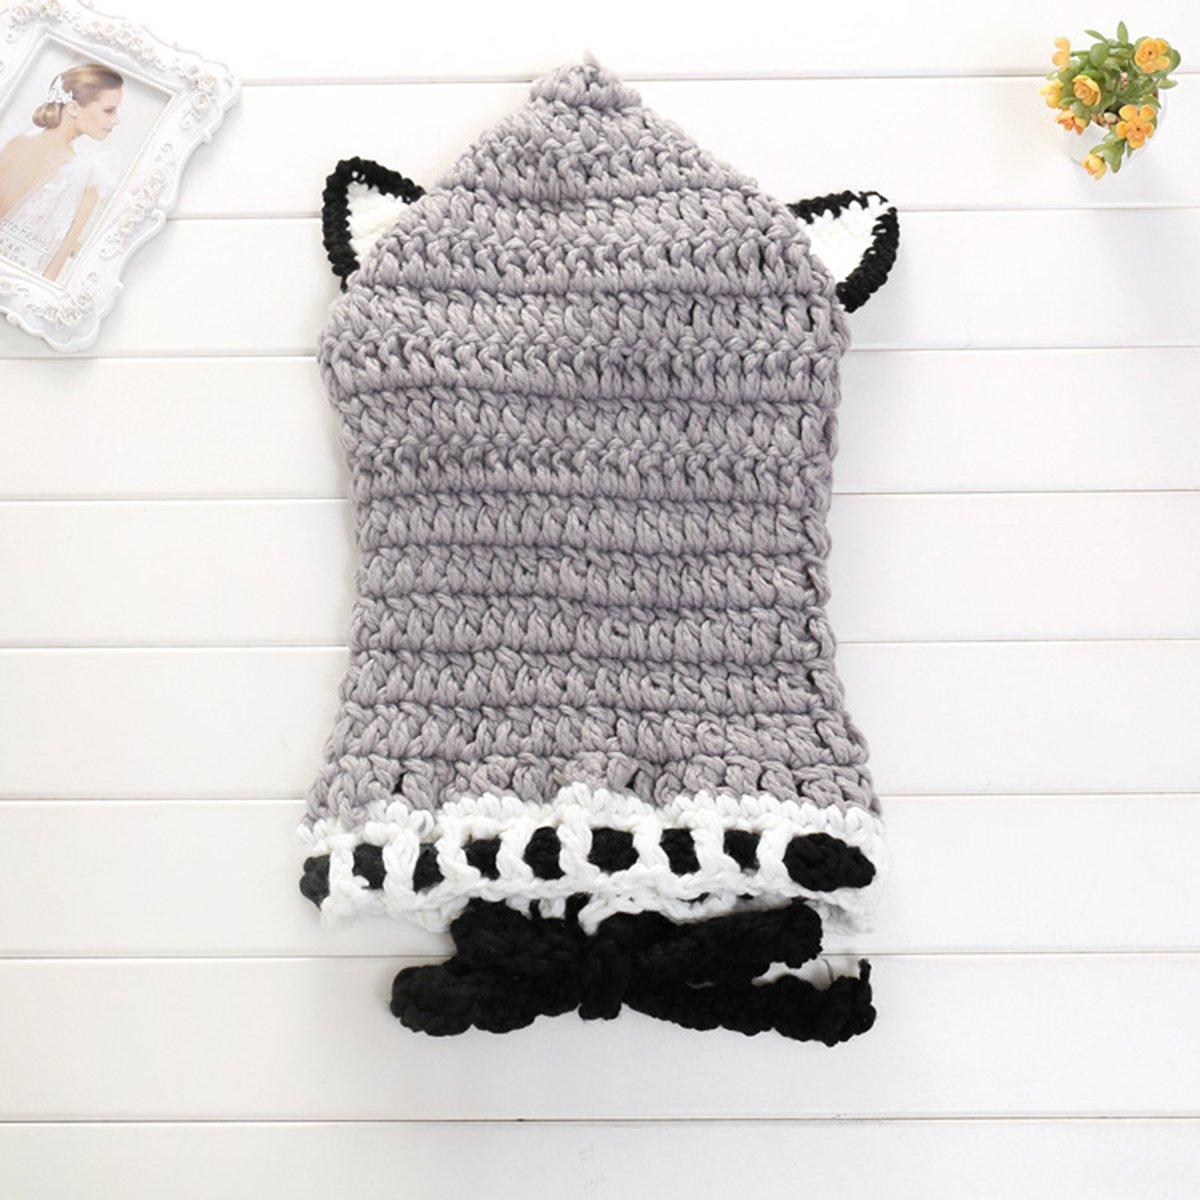 LUOEM Cappello Berretto per bambini e neonati in maglia di lana con  scaldacollo e orecchie di volpe in Grigio  Amazon.it  Casa e cucina 5b925f524e6c